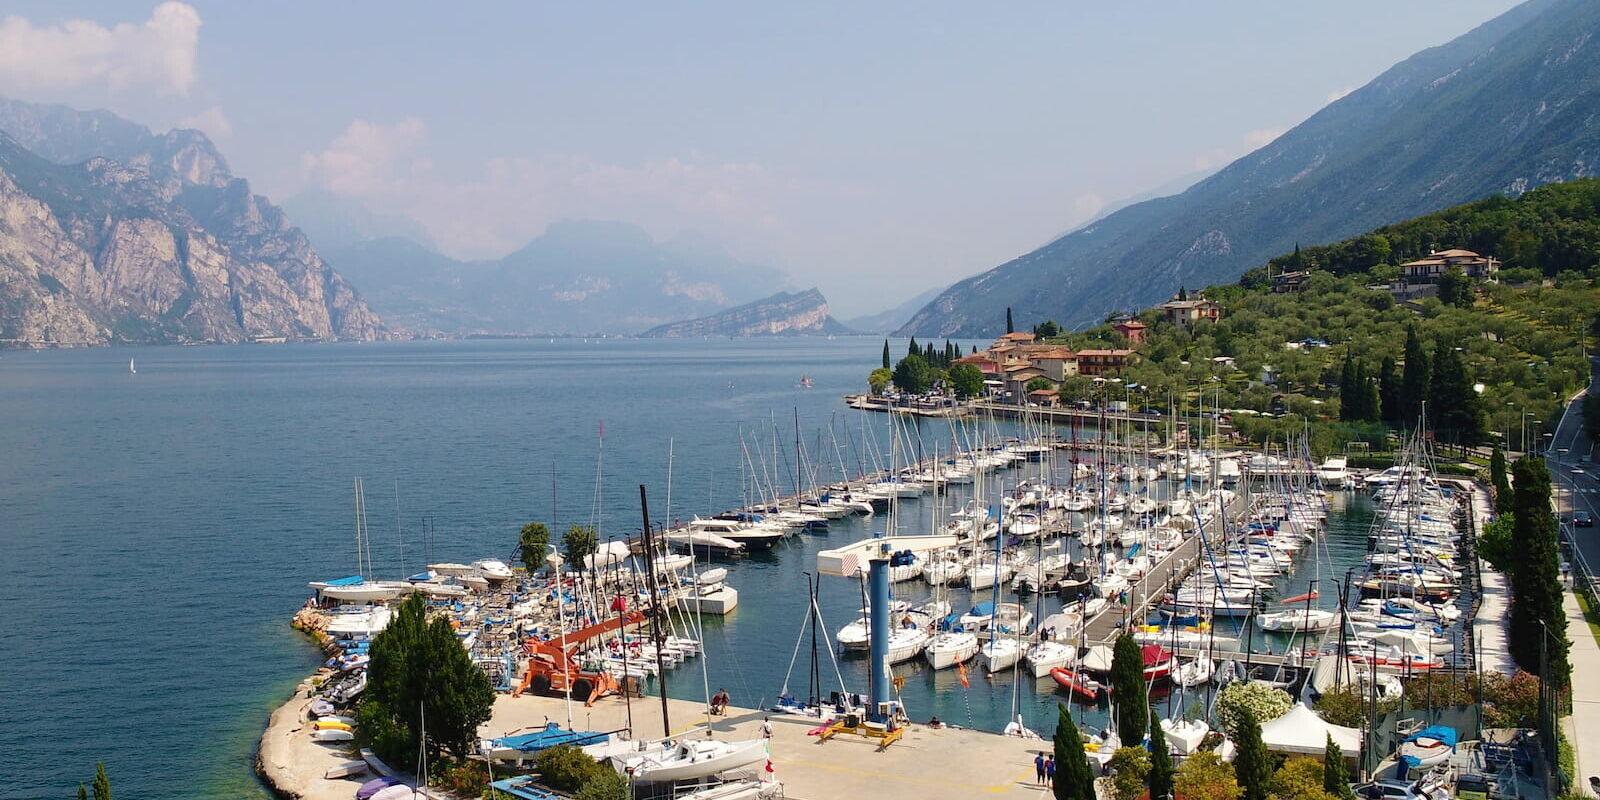 Porto Marina di Navene alla Fraglia Vela Malcesine, Lago di Garda